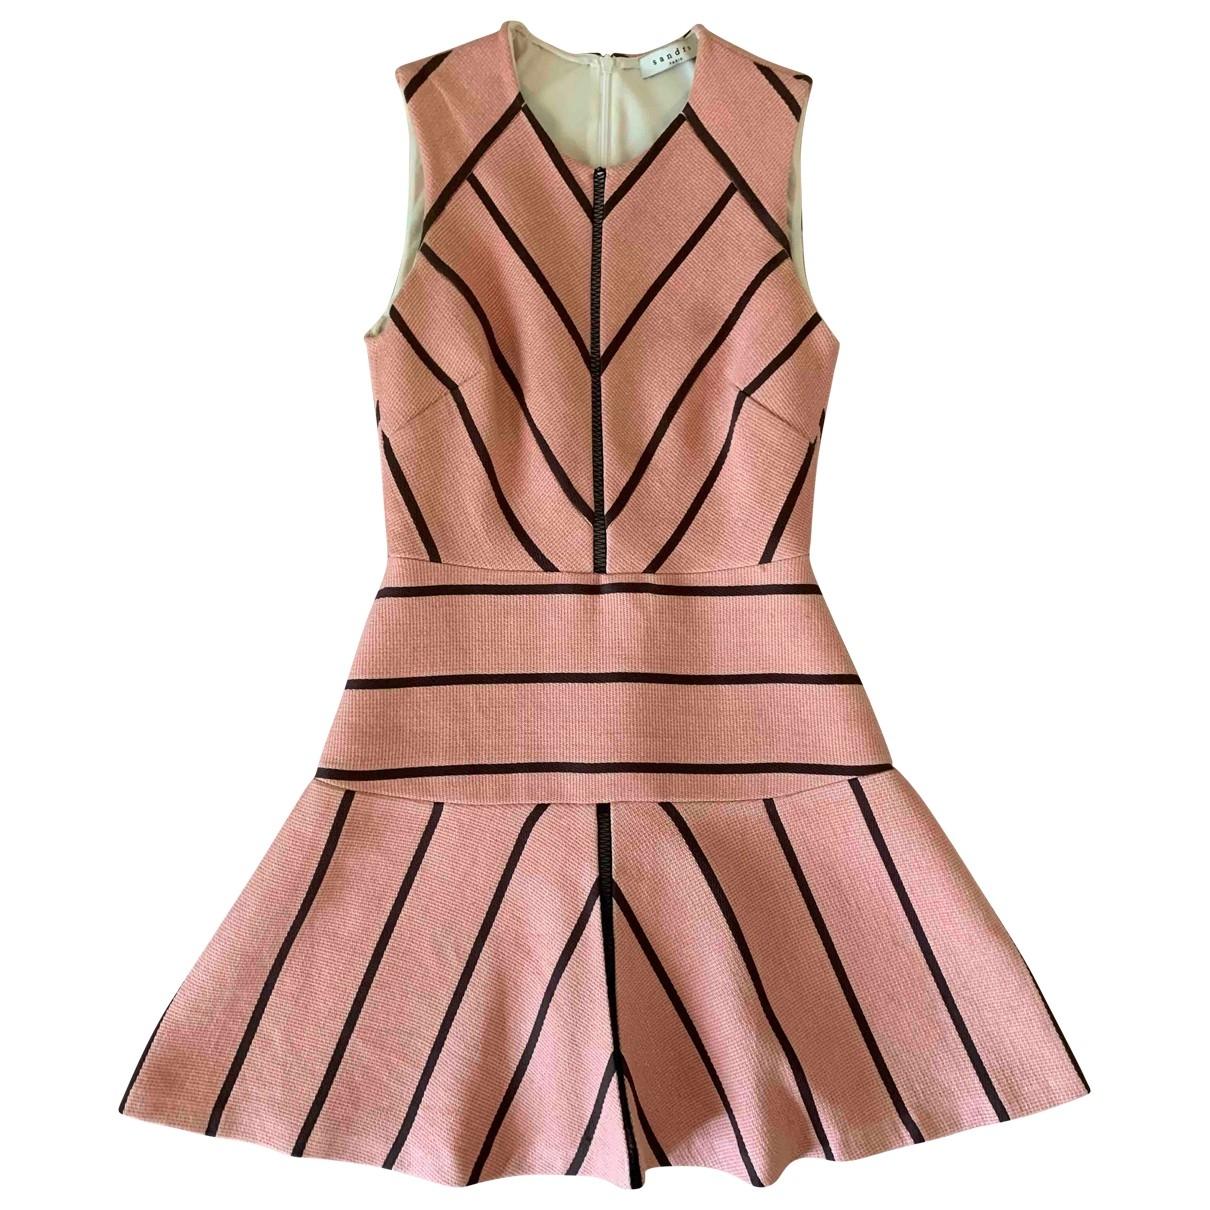 Sandro \N Pink Linen dress for Women 1 0-5